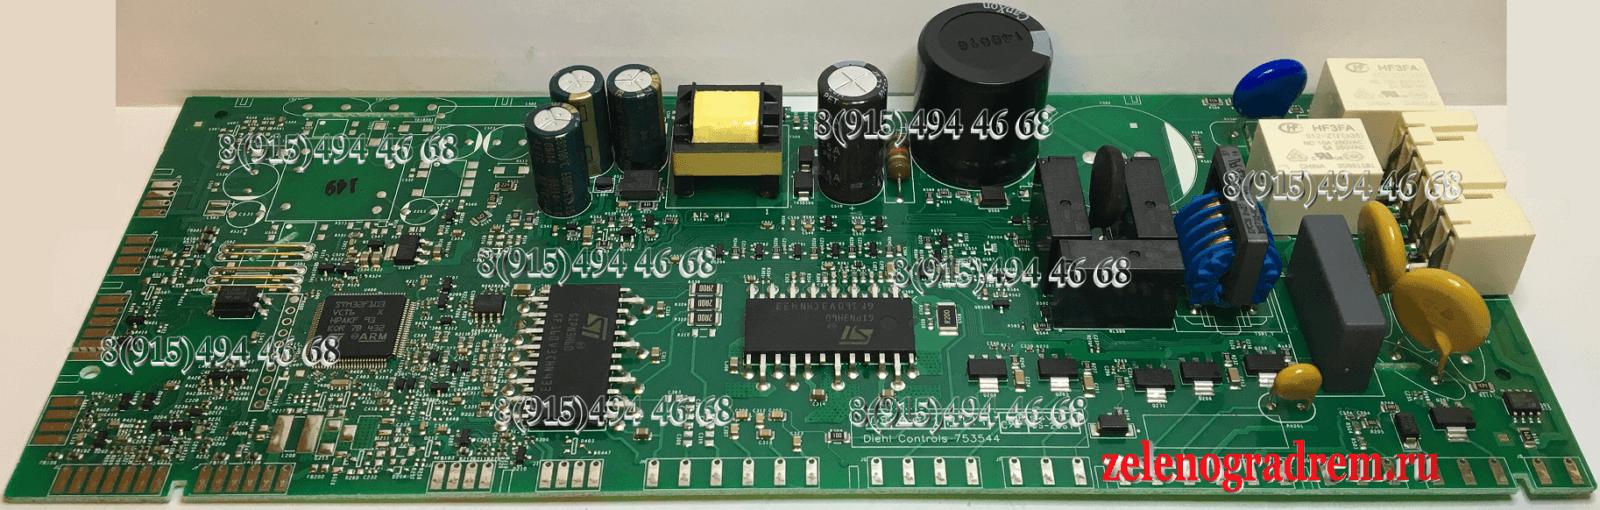 электронный модуль посудомоечной машины Electrolux